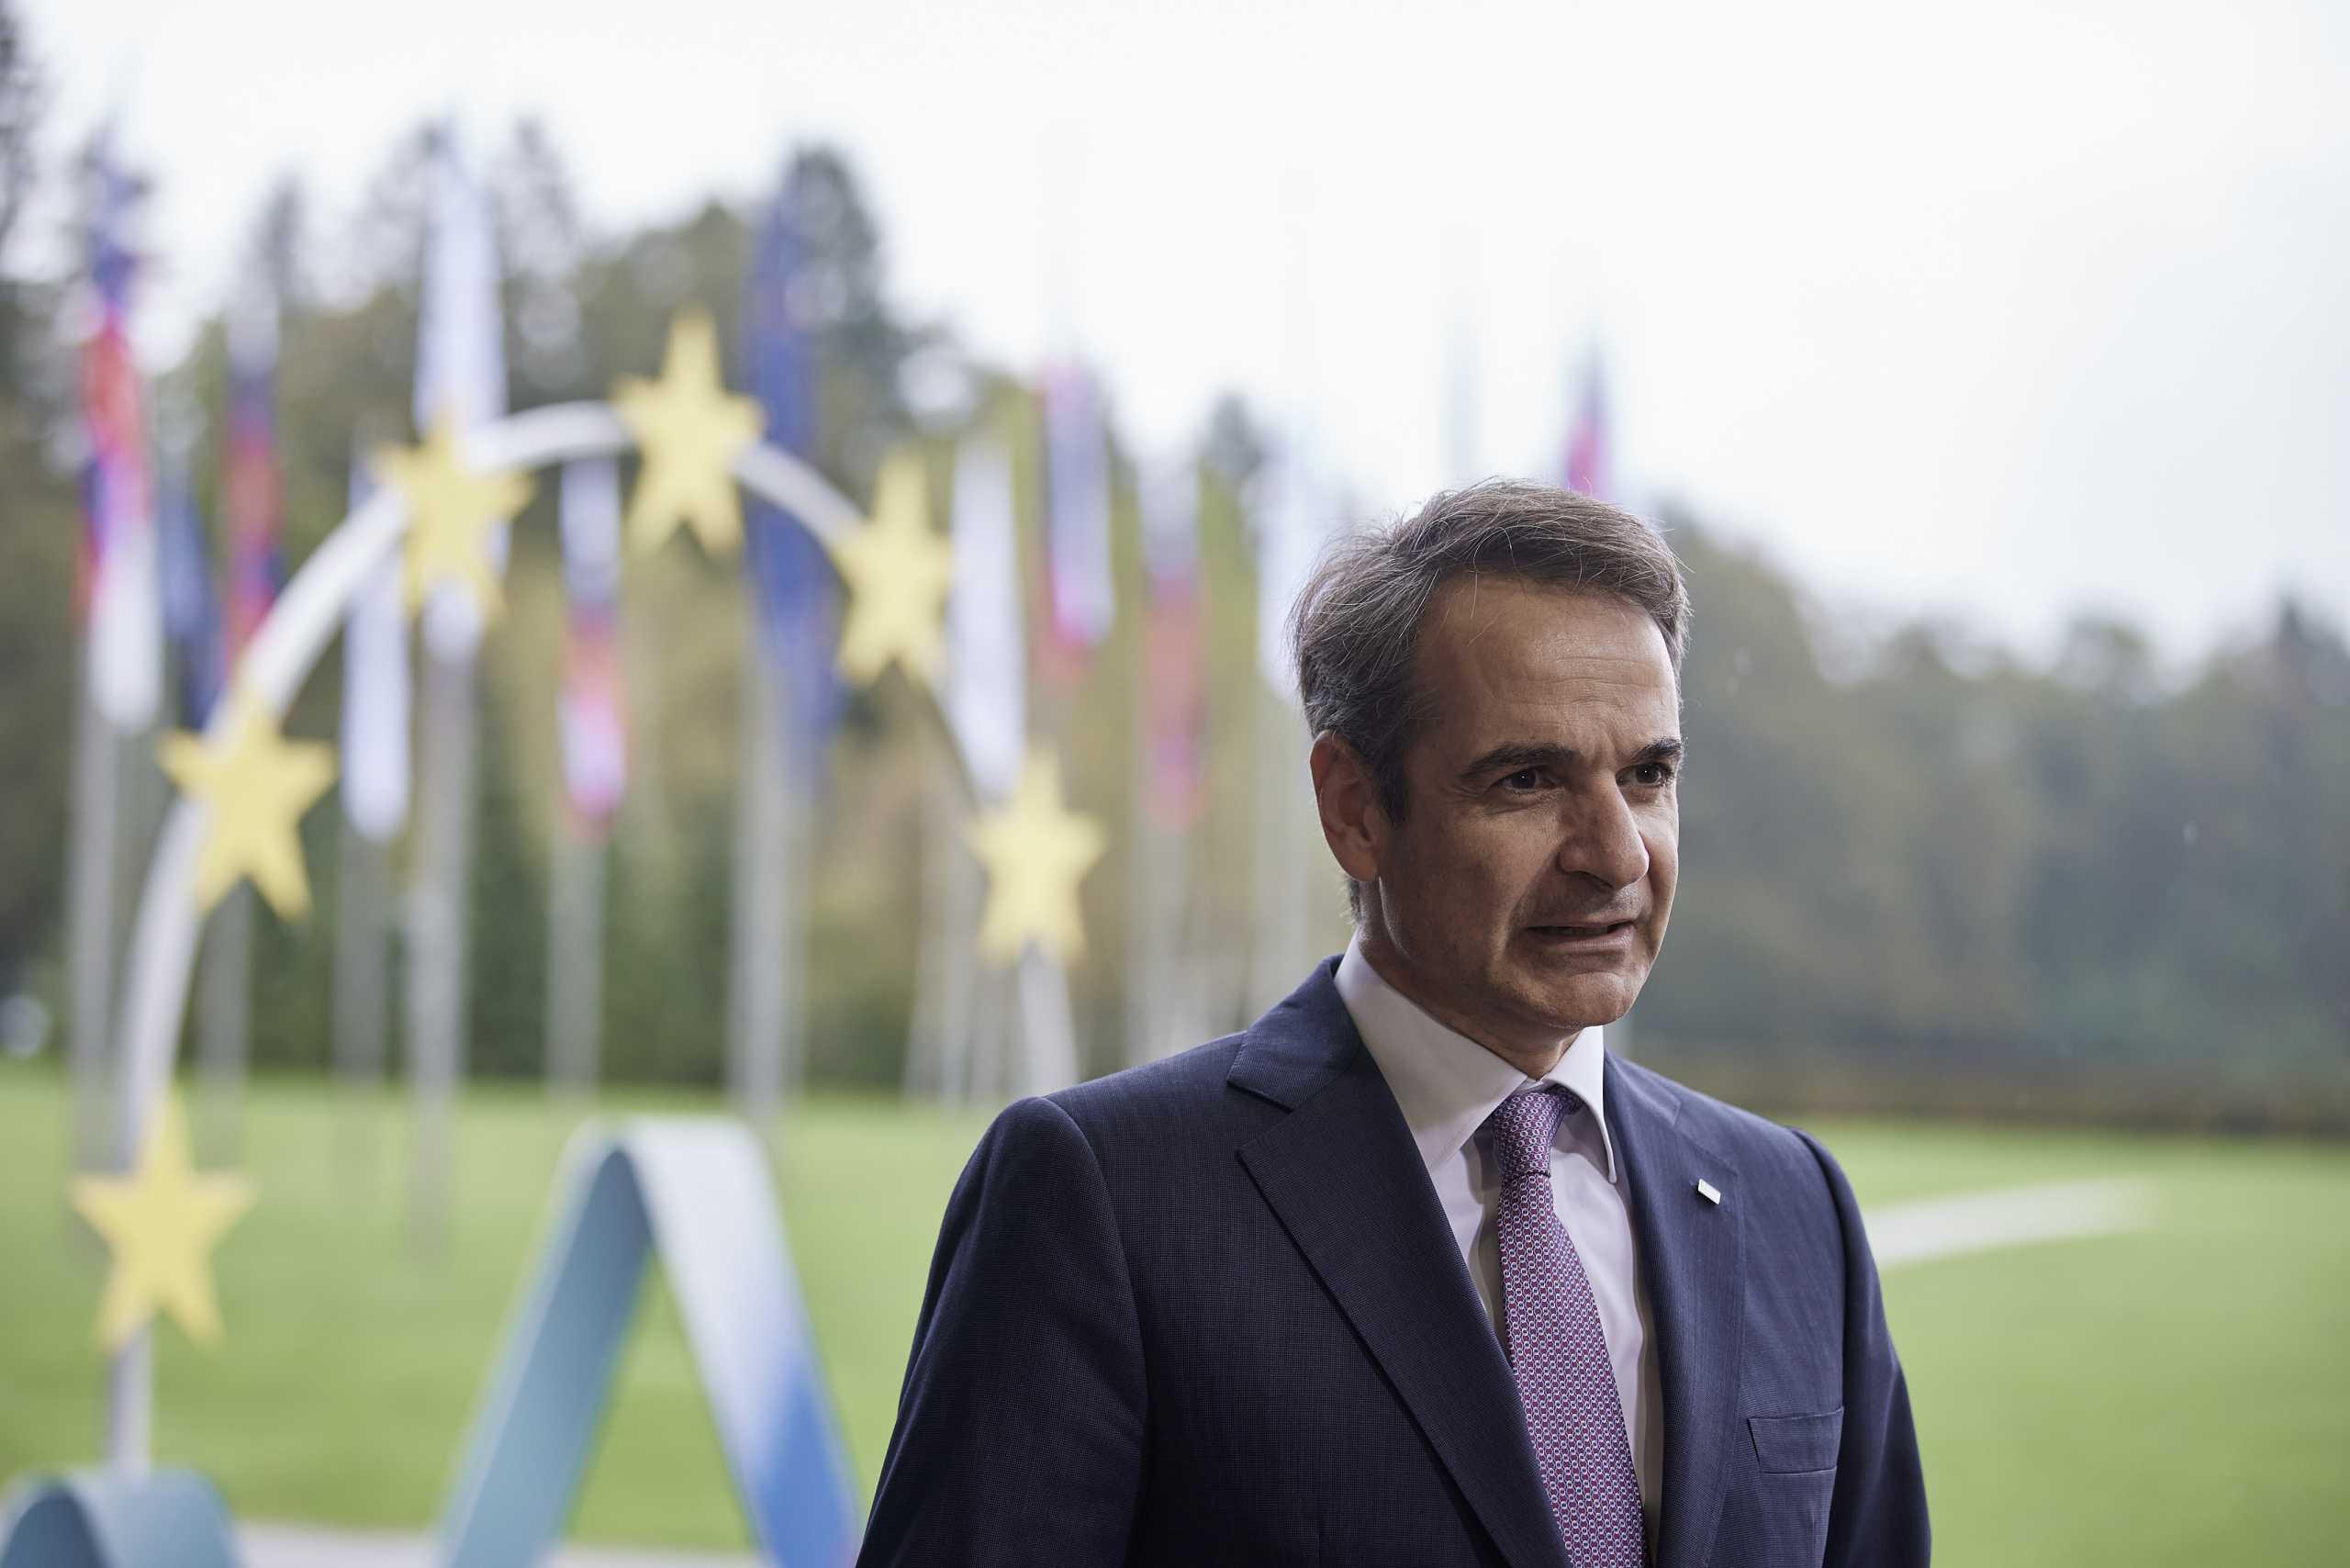 Μητσοτάκης κατά ΣΥΡΙΖΑ από την Σύνοδο Κορυφής: Κάποιοι δεν μπορούν να δουν πέρα από τις κομματικές παρωπίδες